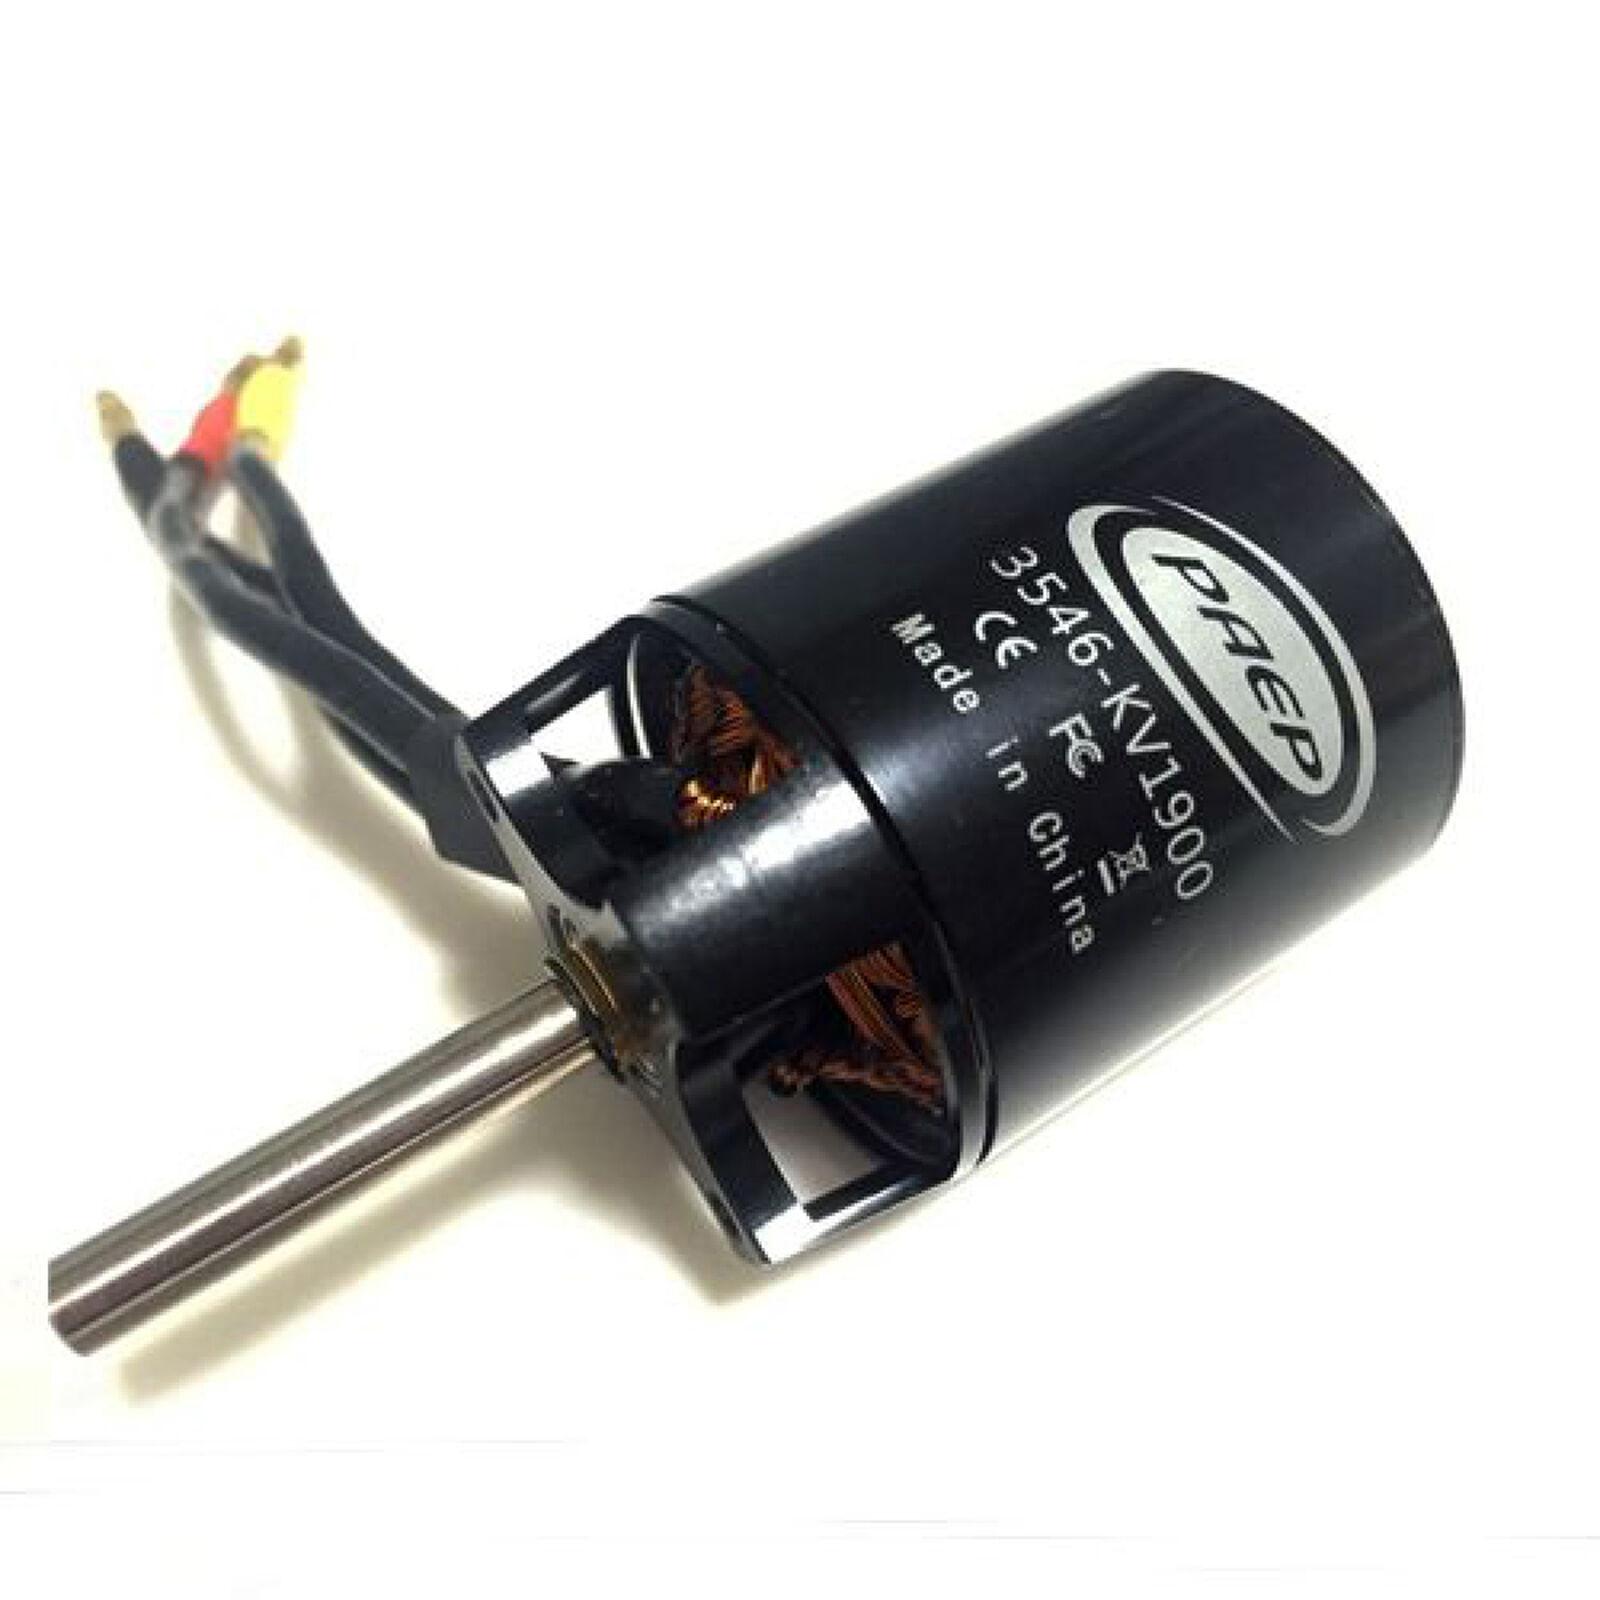 3546 Brushless Motor, 1900Kv